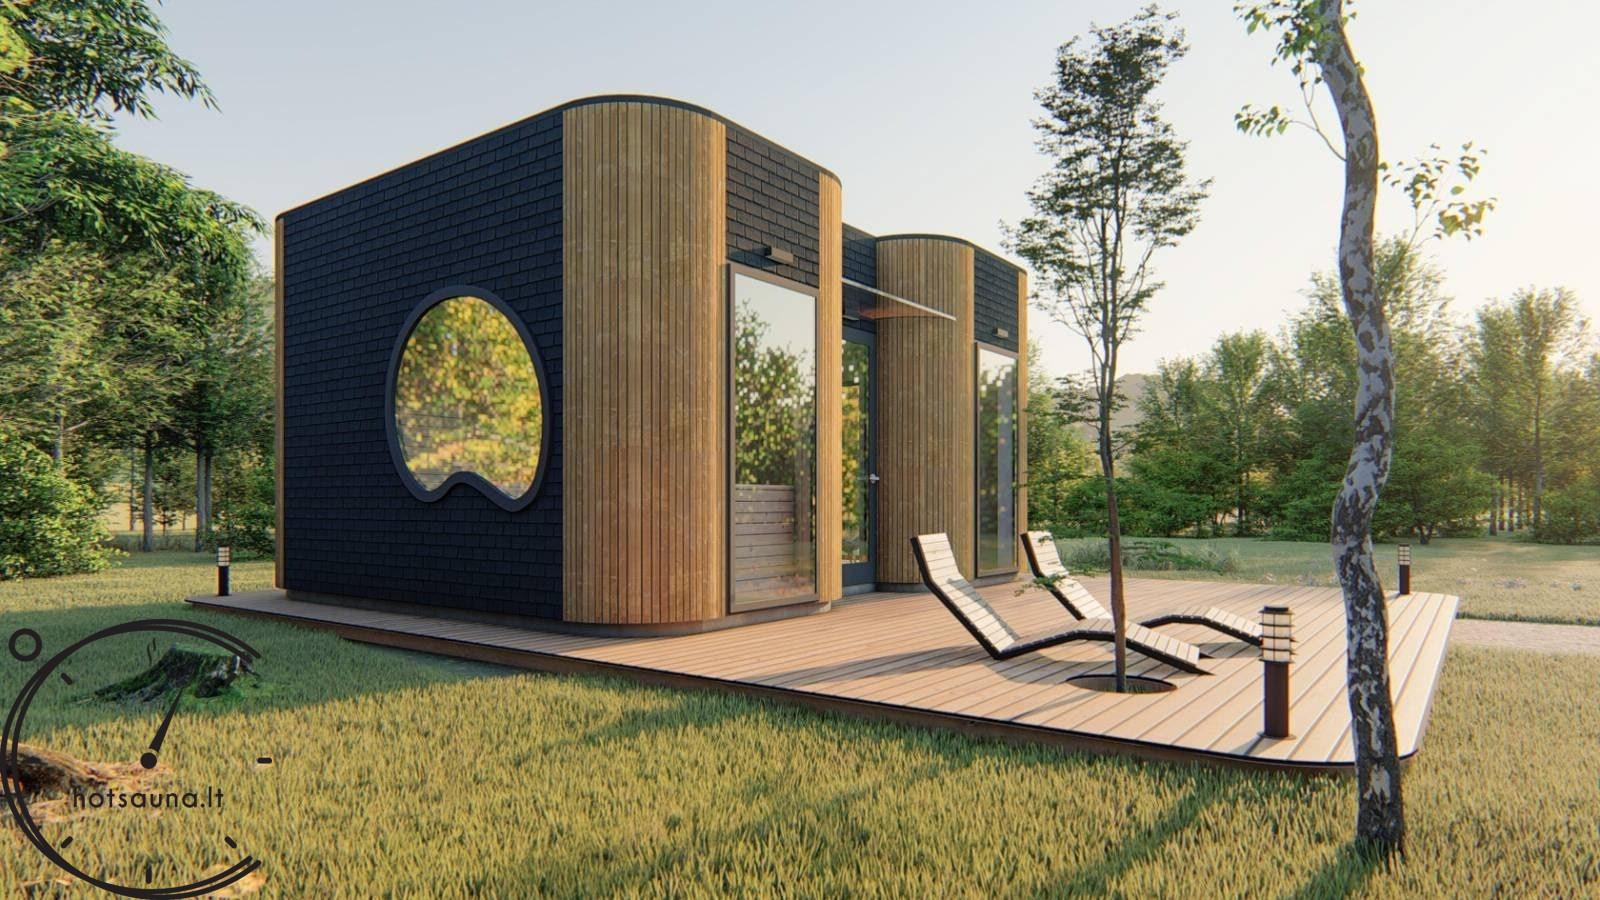 beta sauna pirties pardavimas sauna for sale moderni pirtis pirtis vilniuje pirties irengimas (7)